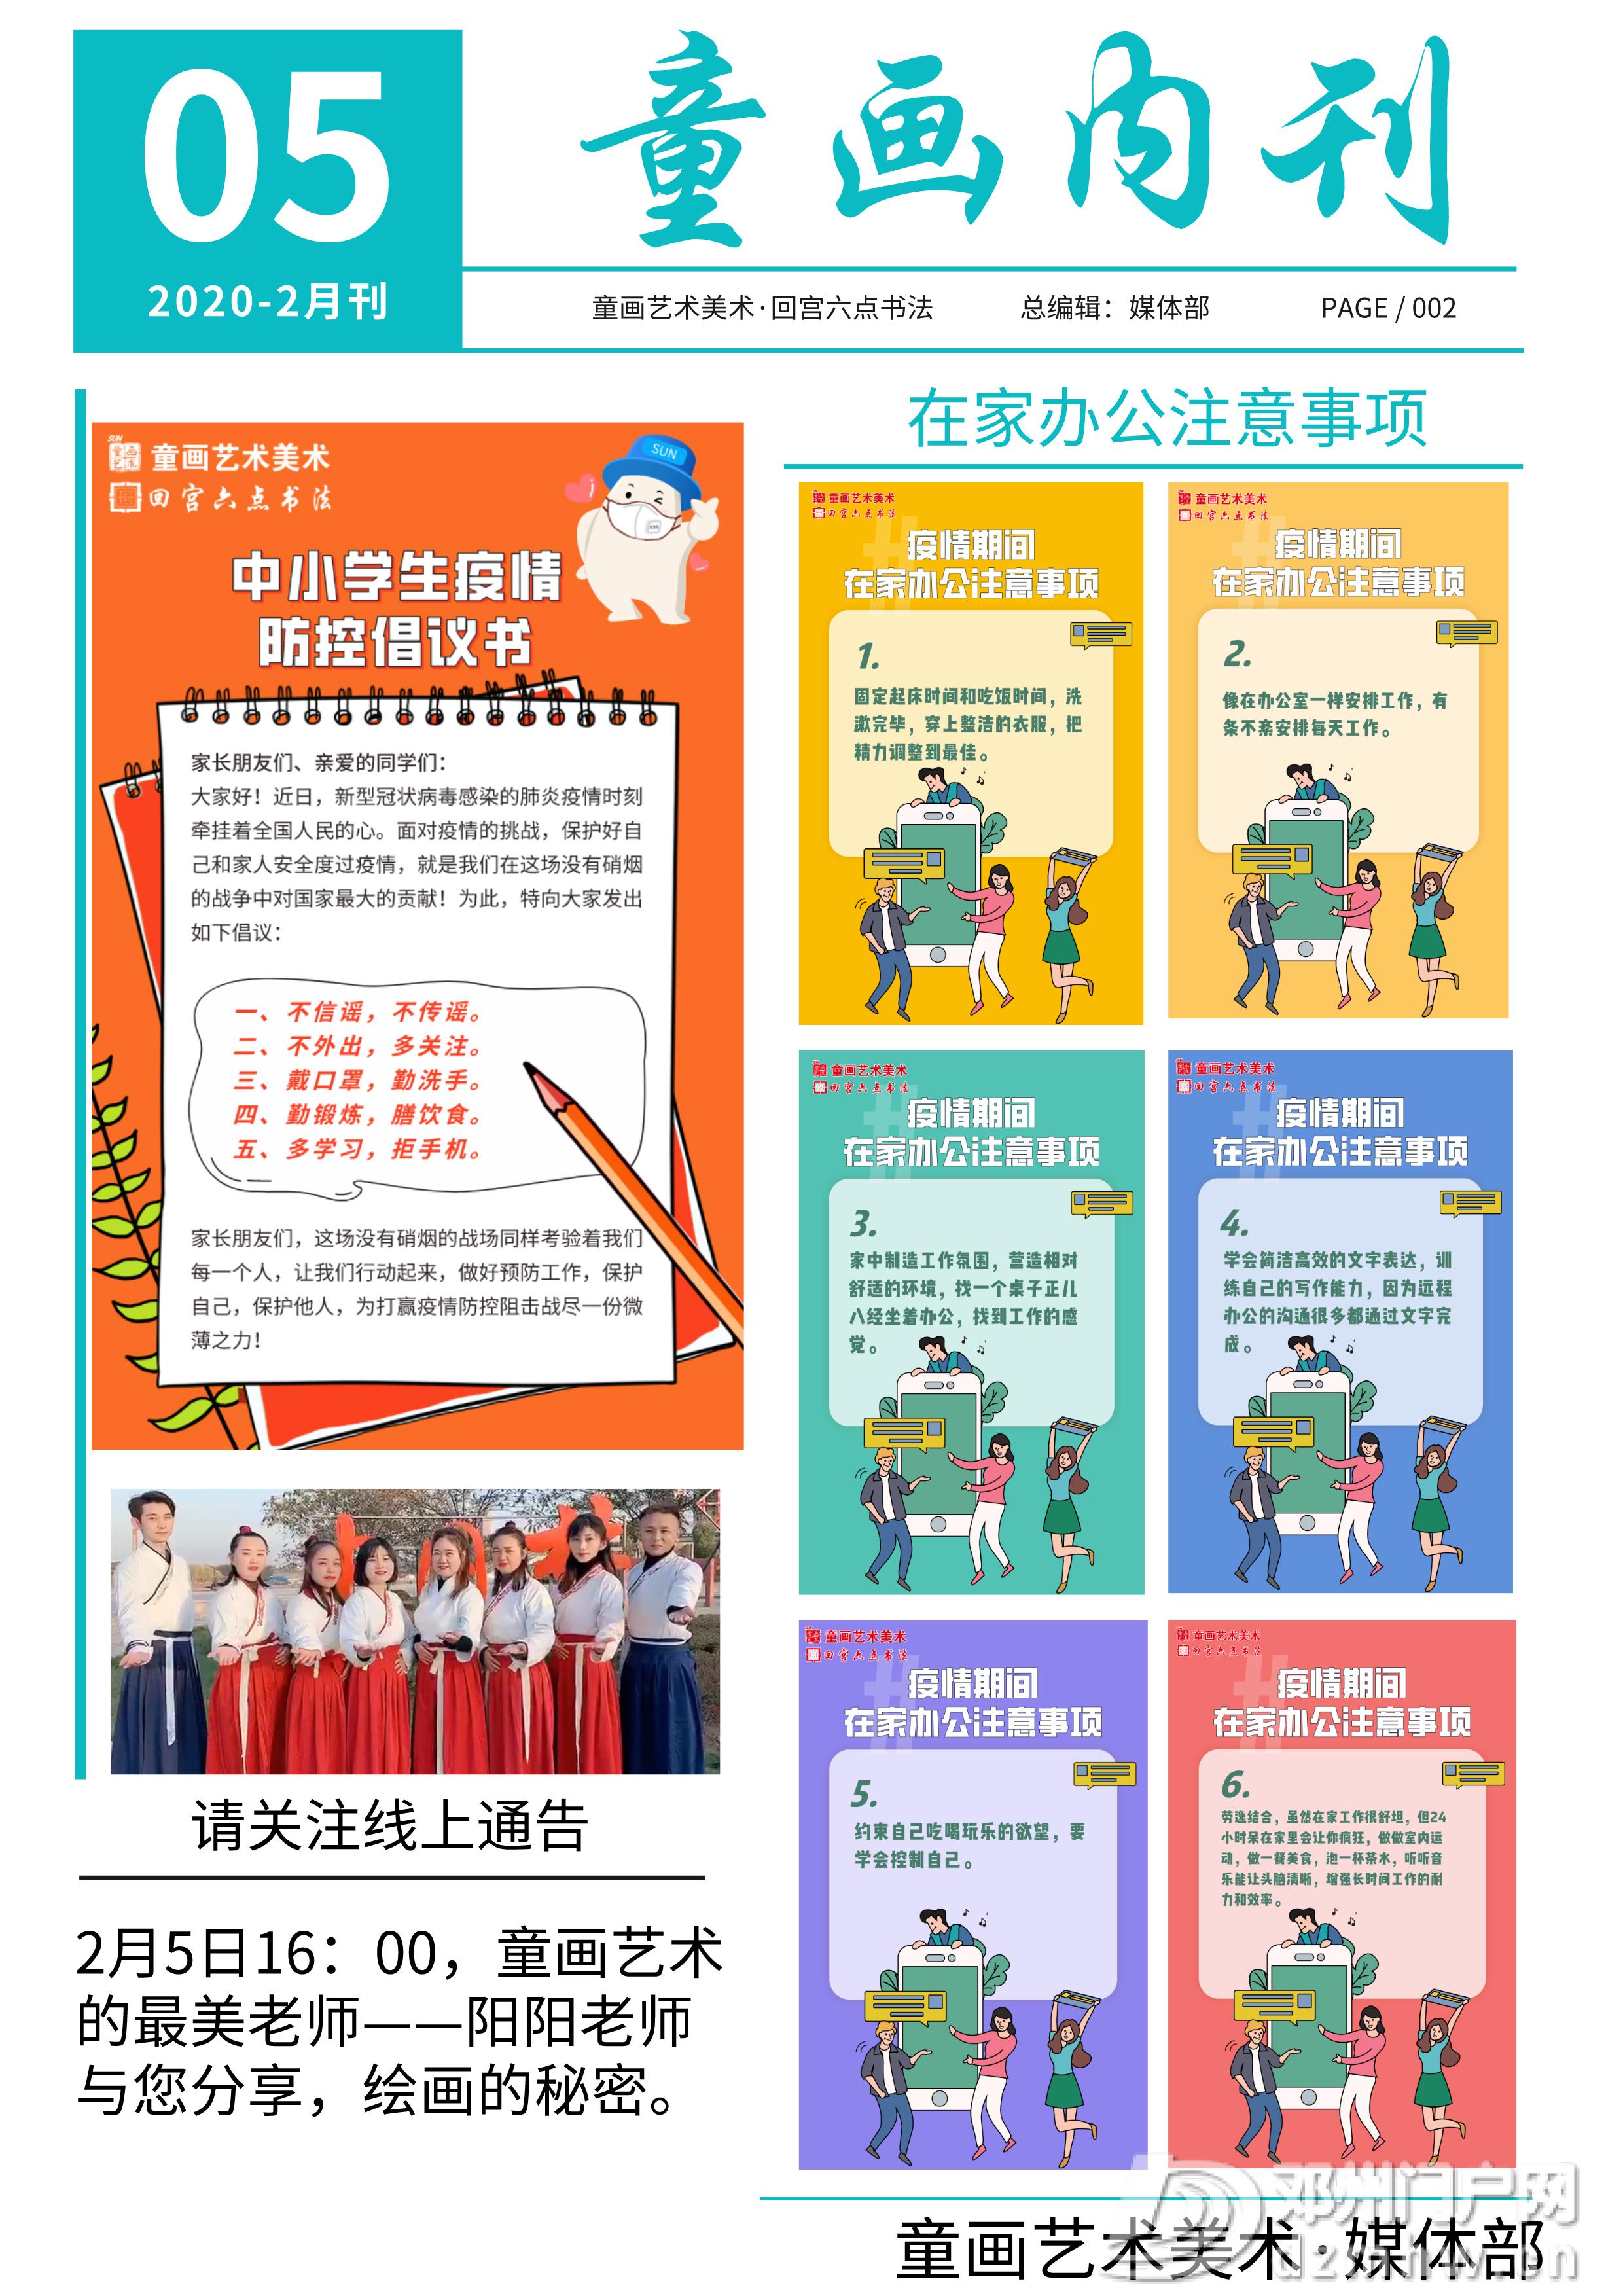 童画艺术——线上有课 - 邓州门户网|邓州网 - 日报简讯_2020-02-05.JPG